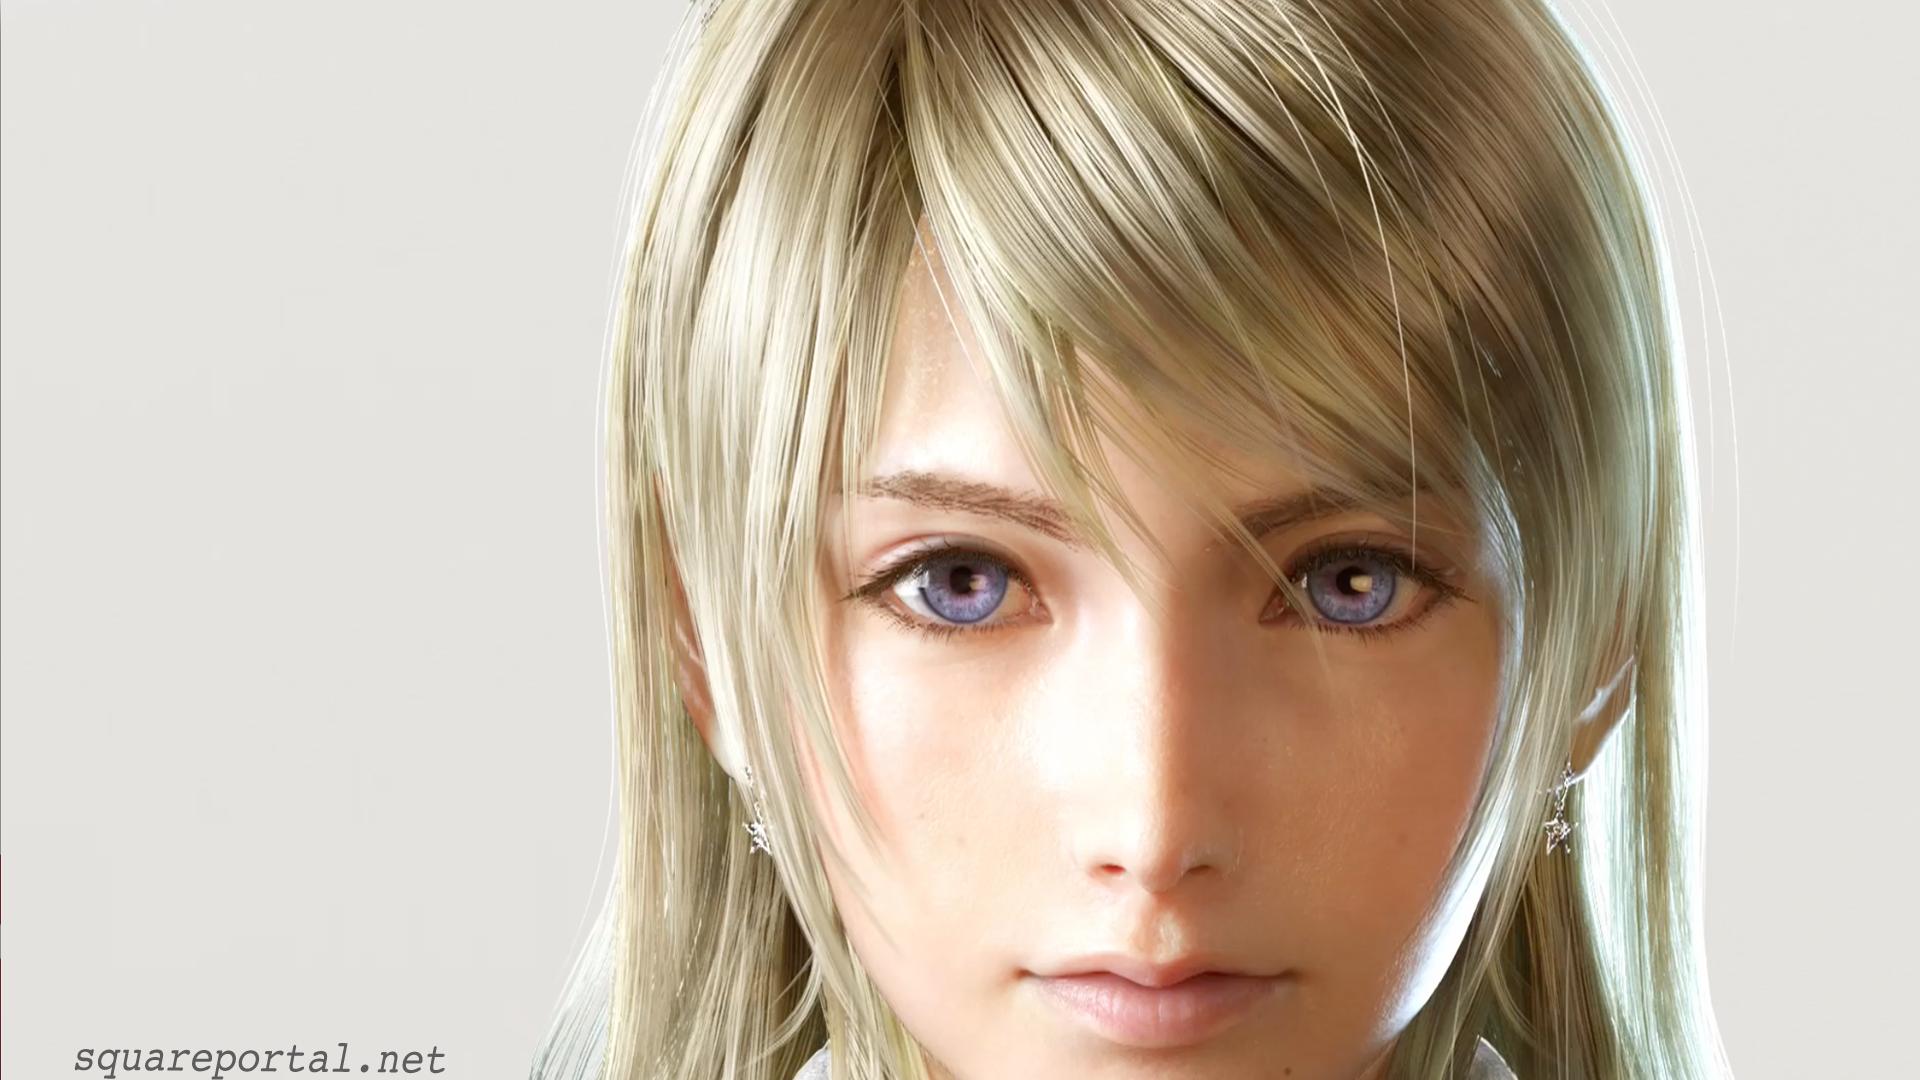 Final Fantasy XV Wallpapers [E3 2013] | SQUARE PORTAL